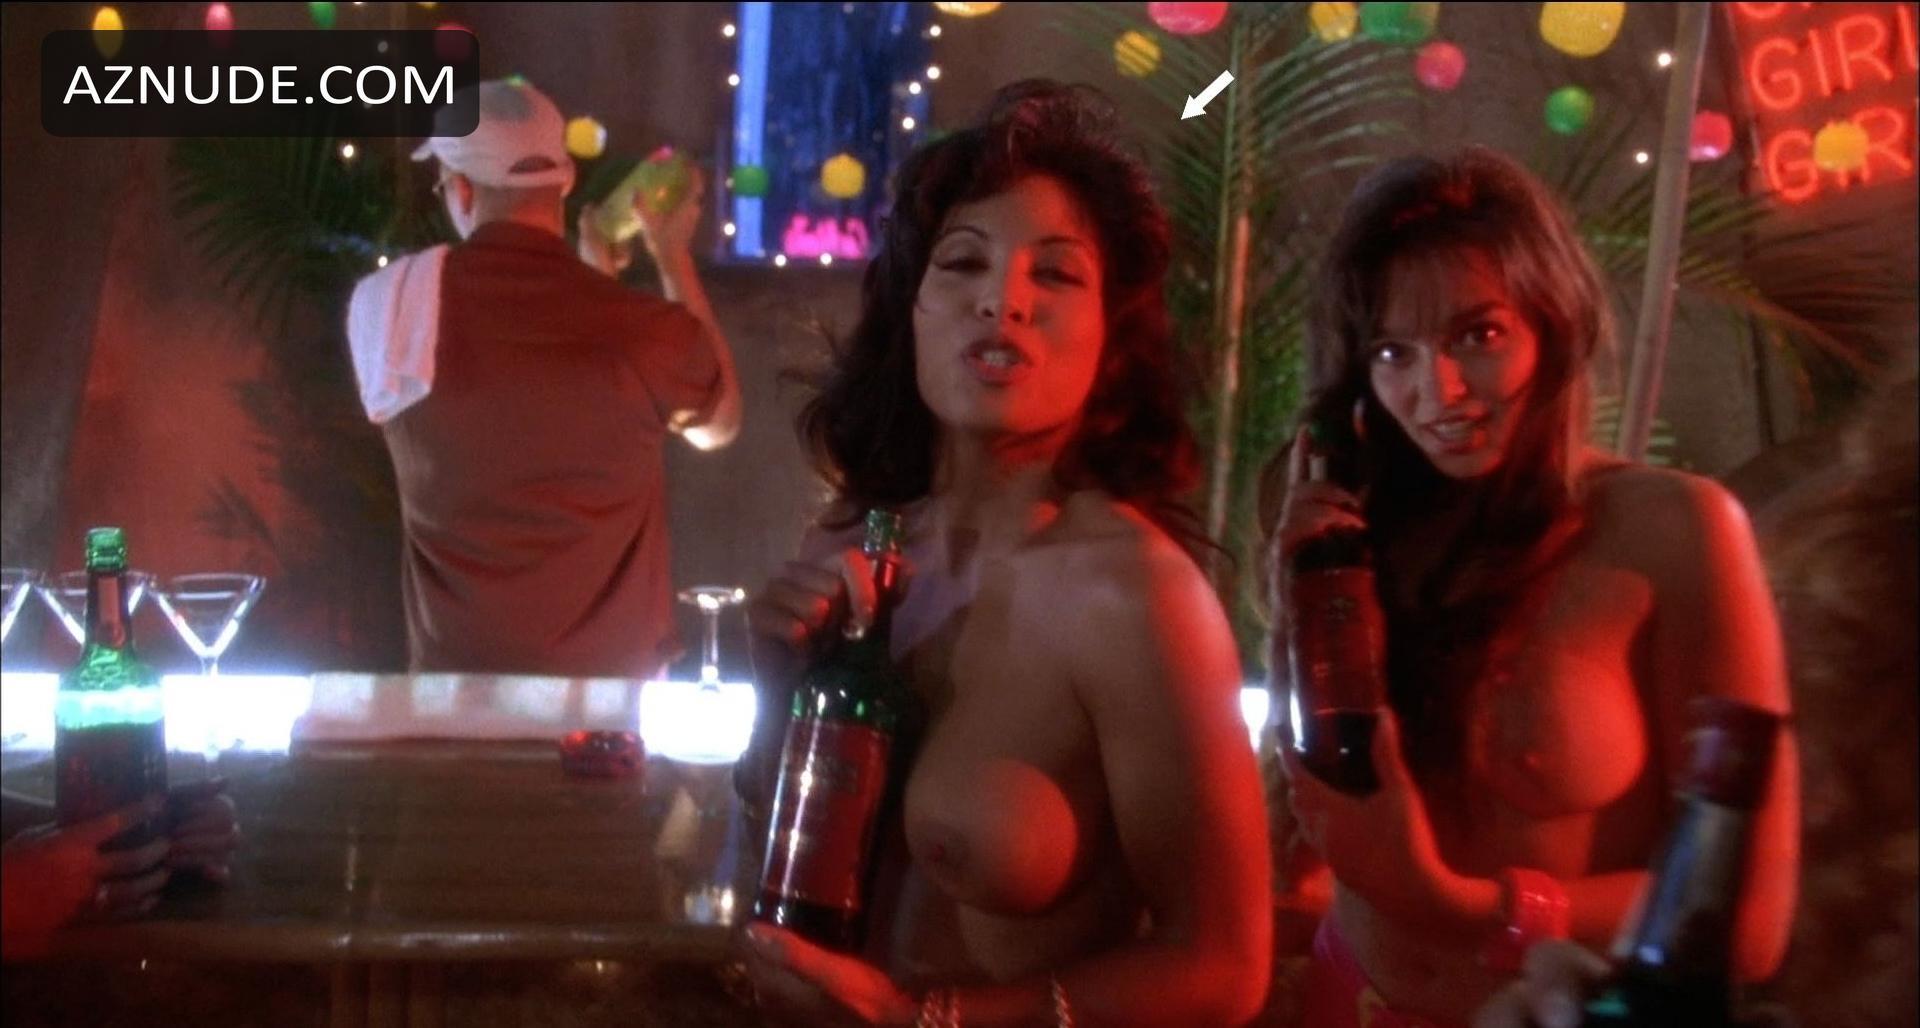 Amanda x y brenda boop con la pornoband - 3 part 3